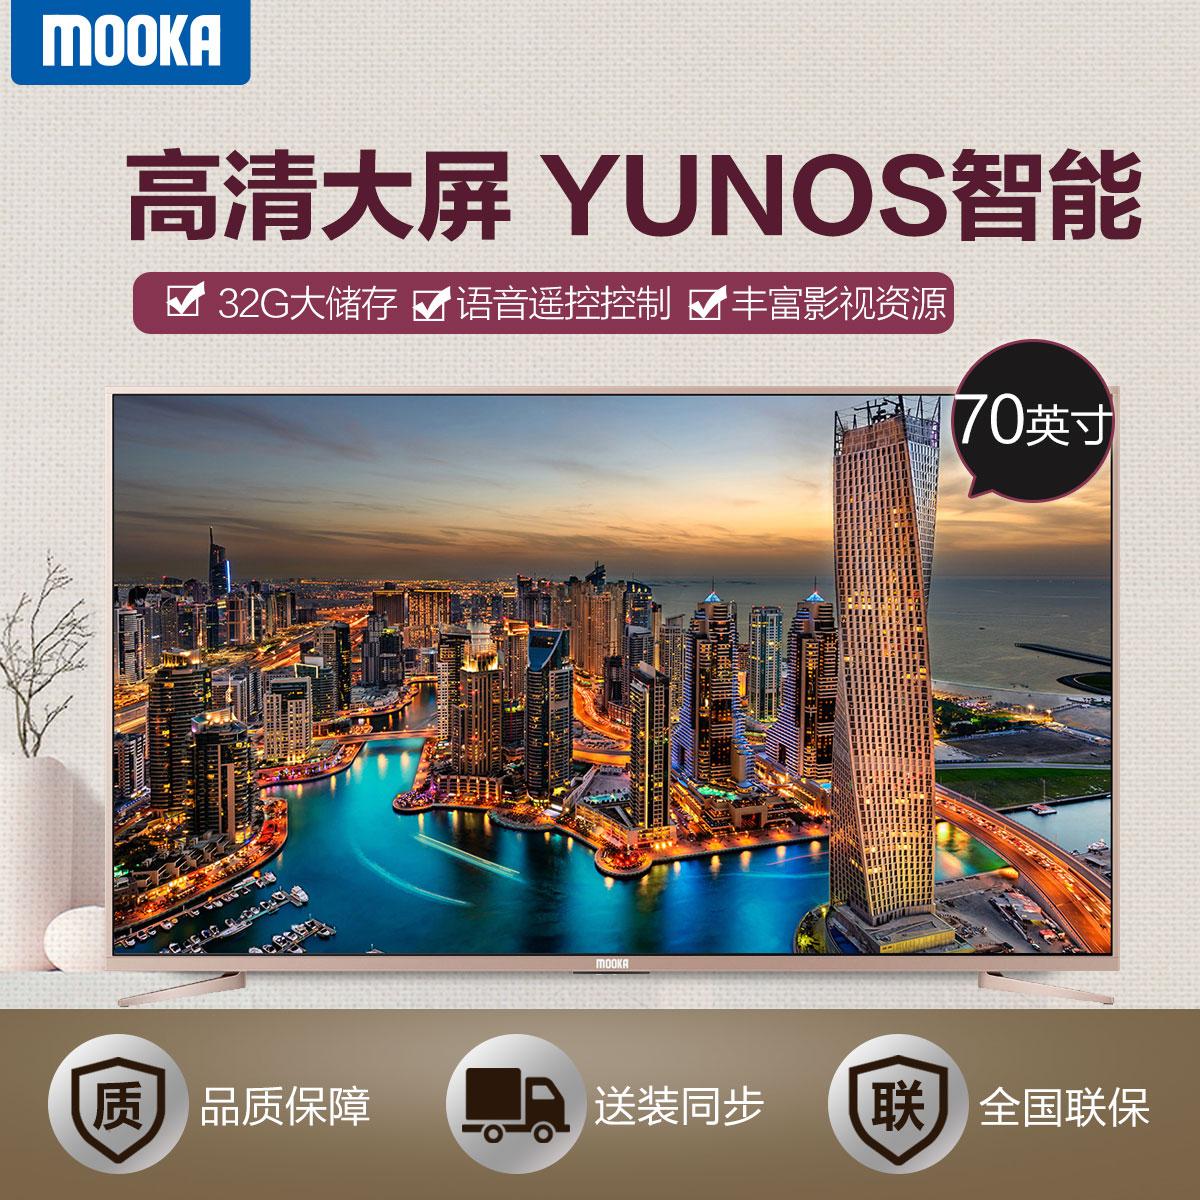 MOOKA/模卡 彩电 U70H3